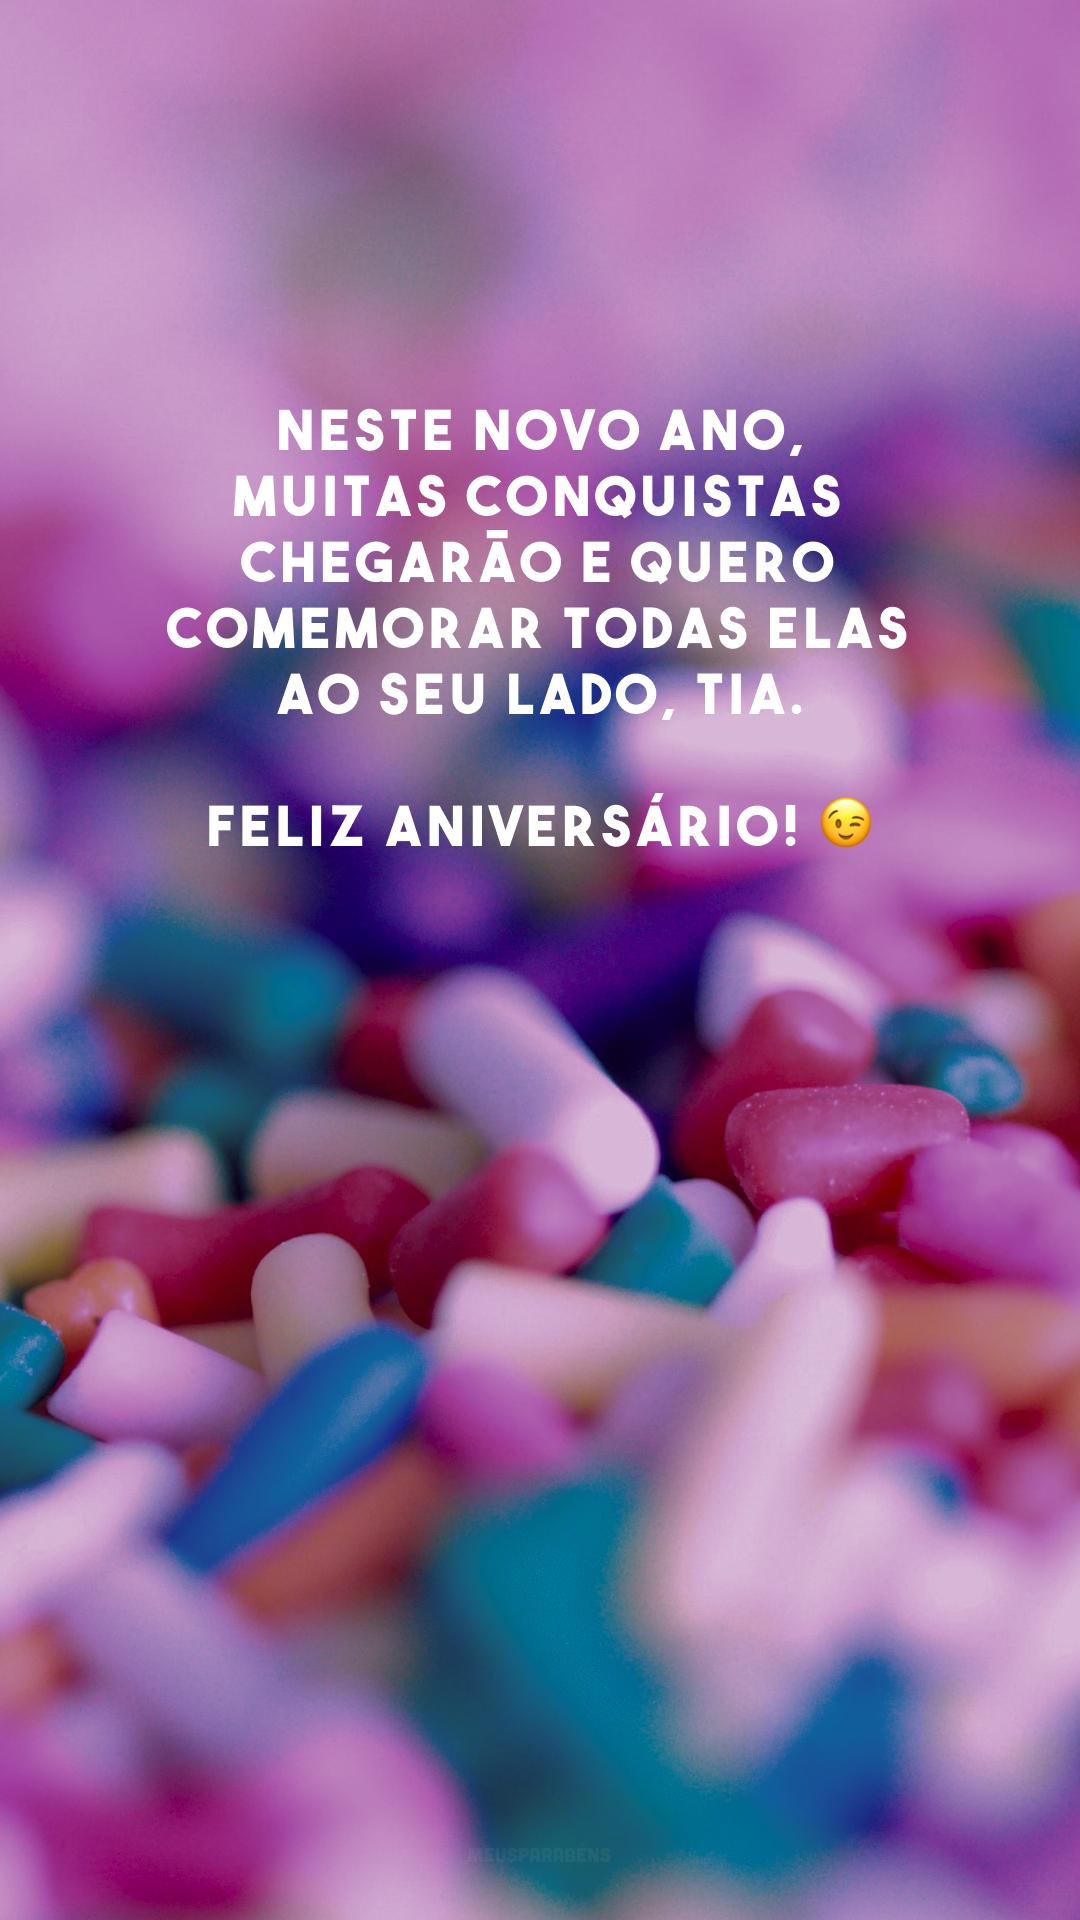 Neste novo ano, muitas conquistas chegarão e quero comemorar todas elas ao seu lado, tia. Feliz aniversário! 😉